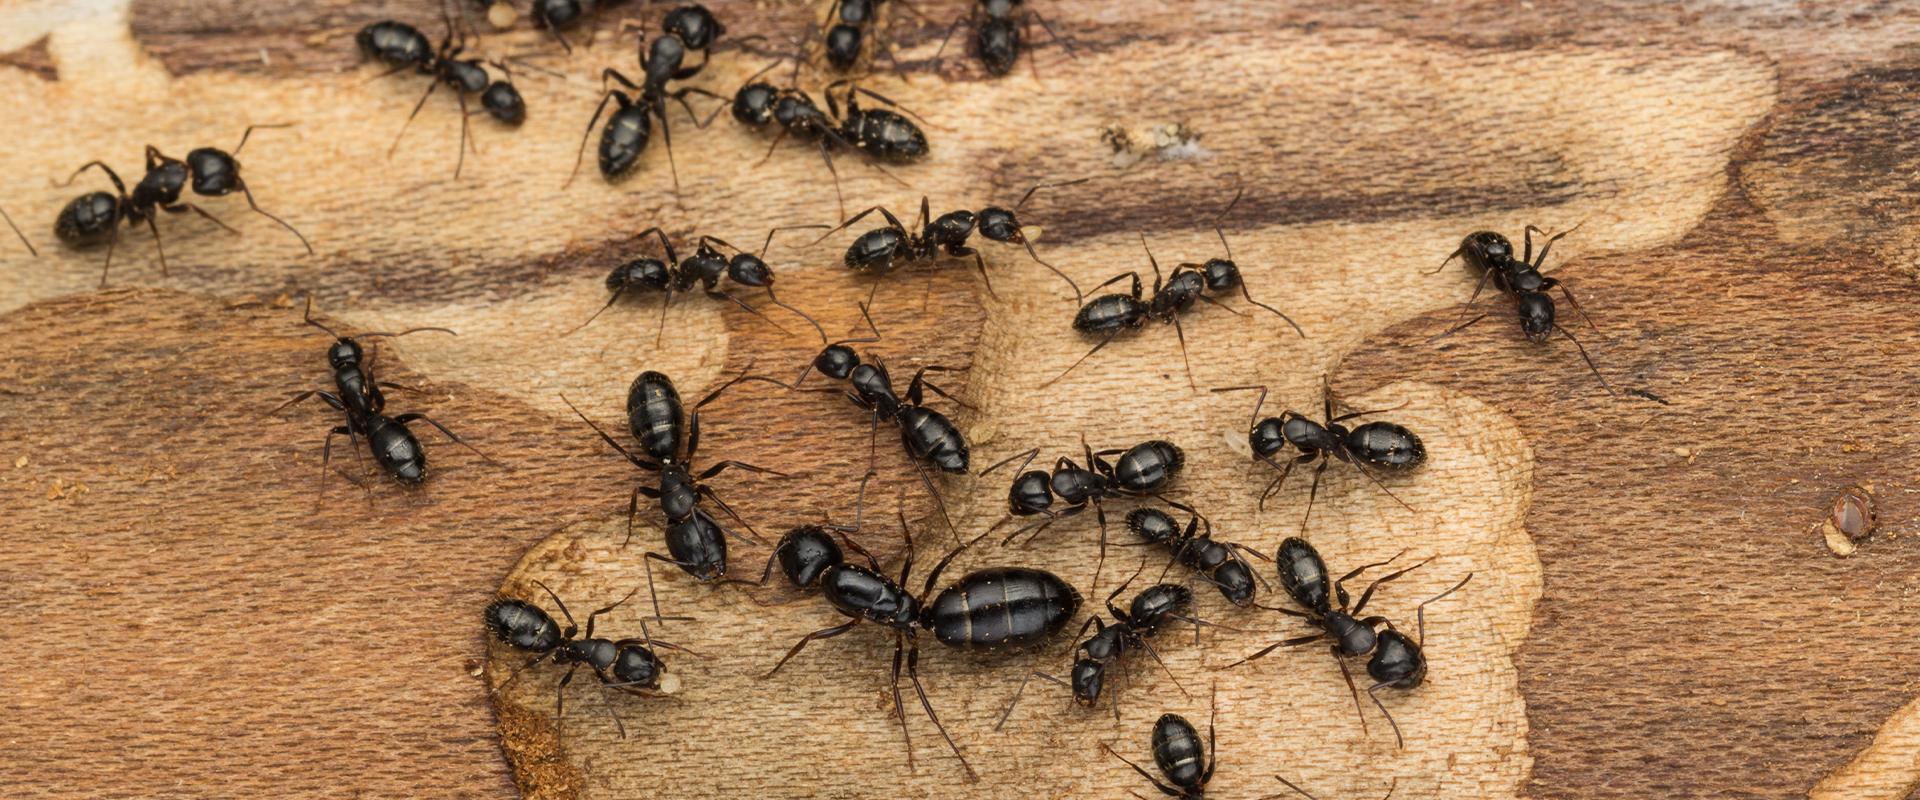 ants on wood in fayetteville georgia